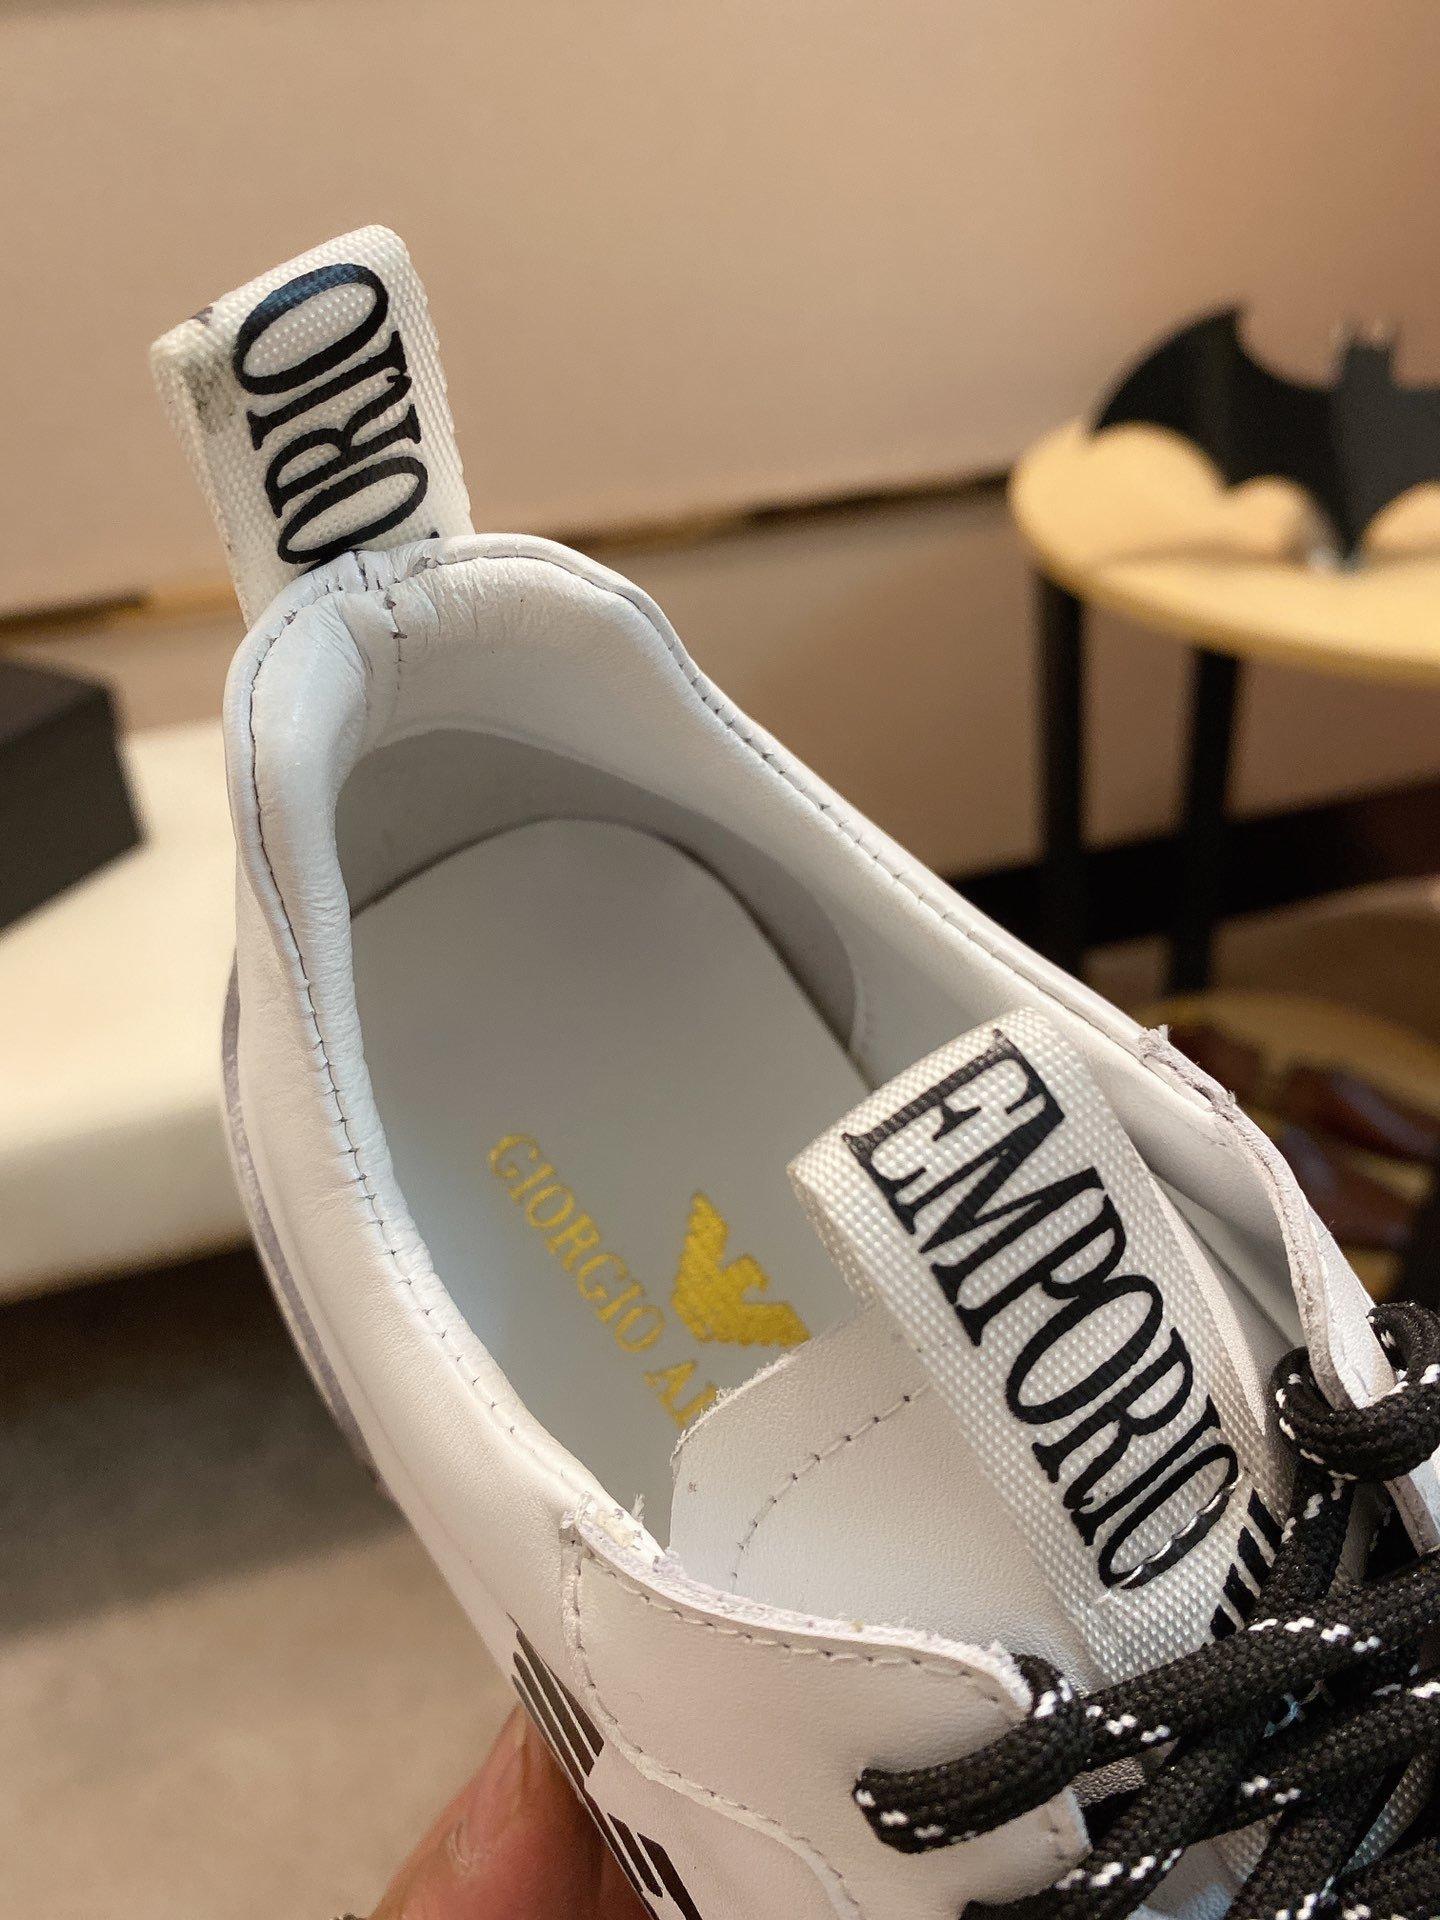 Armani阿玛尼高版款专柜款同步明